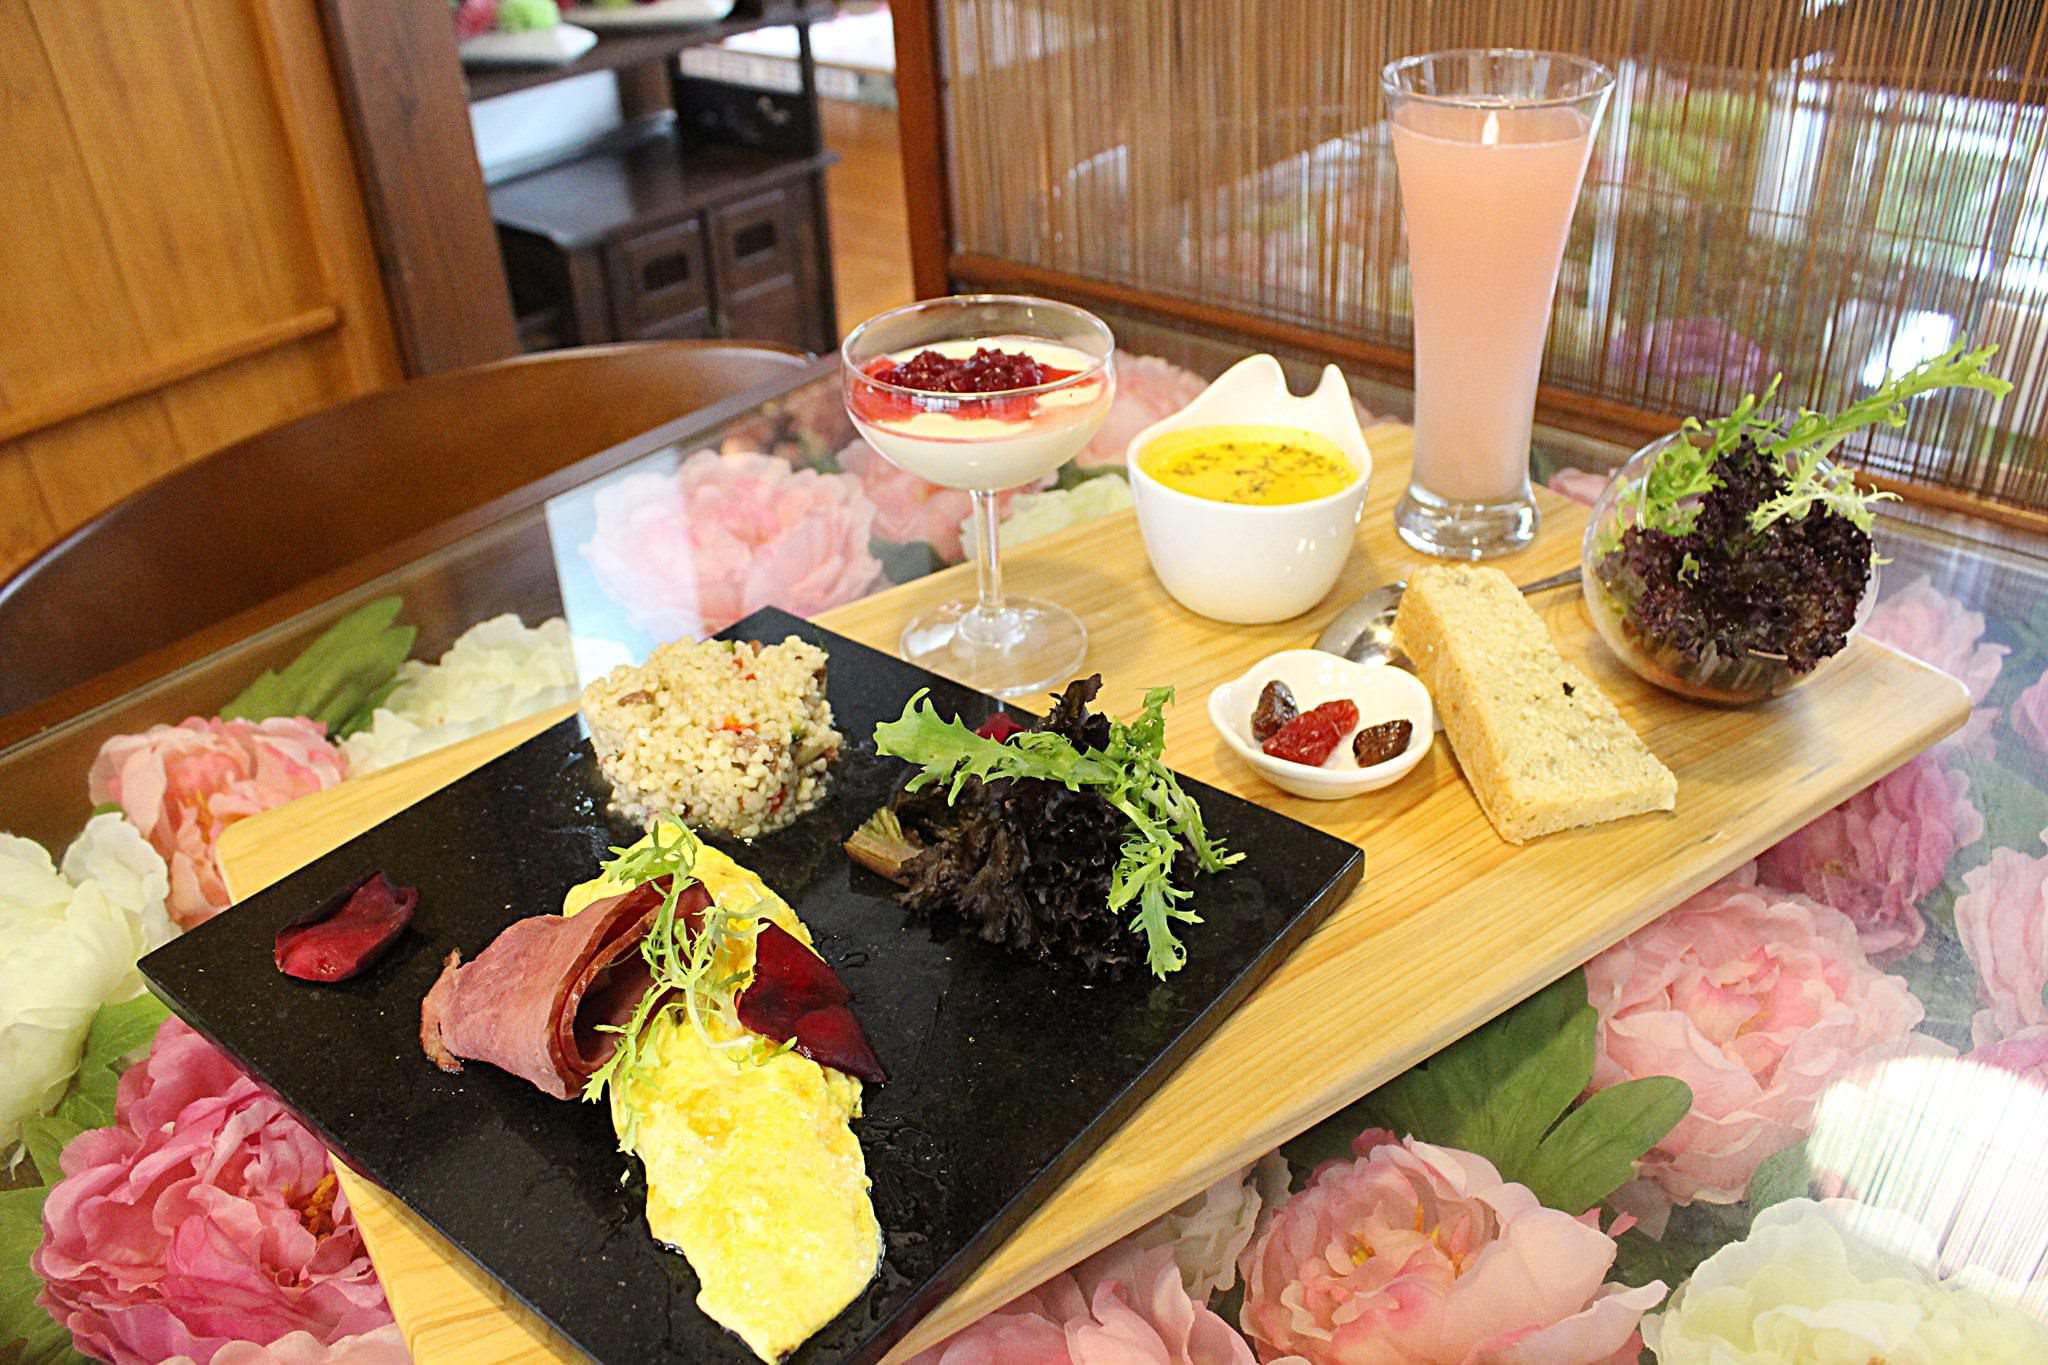 [台南安平美食]花喫靜苑-安平日式風格秘境!優雅花系四季餐 @美食好芃友